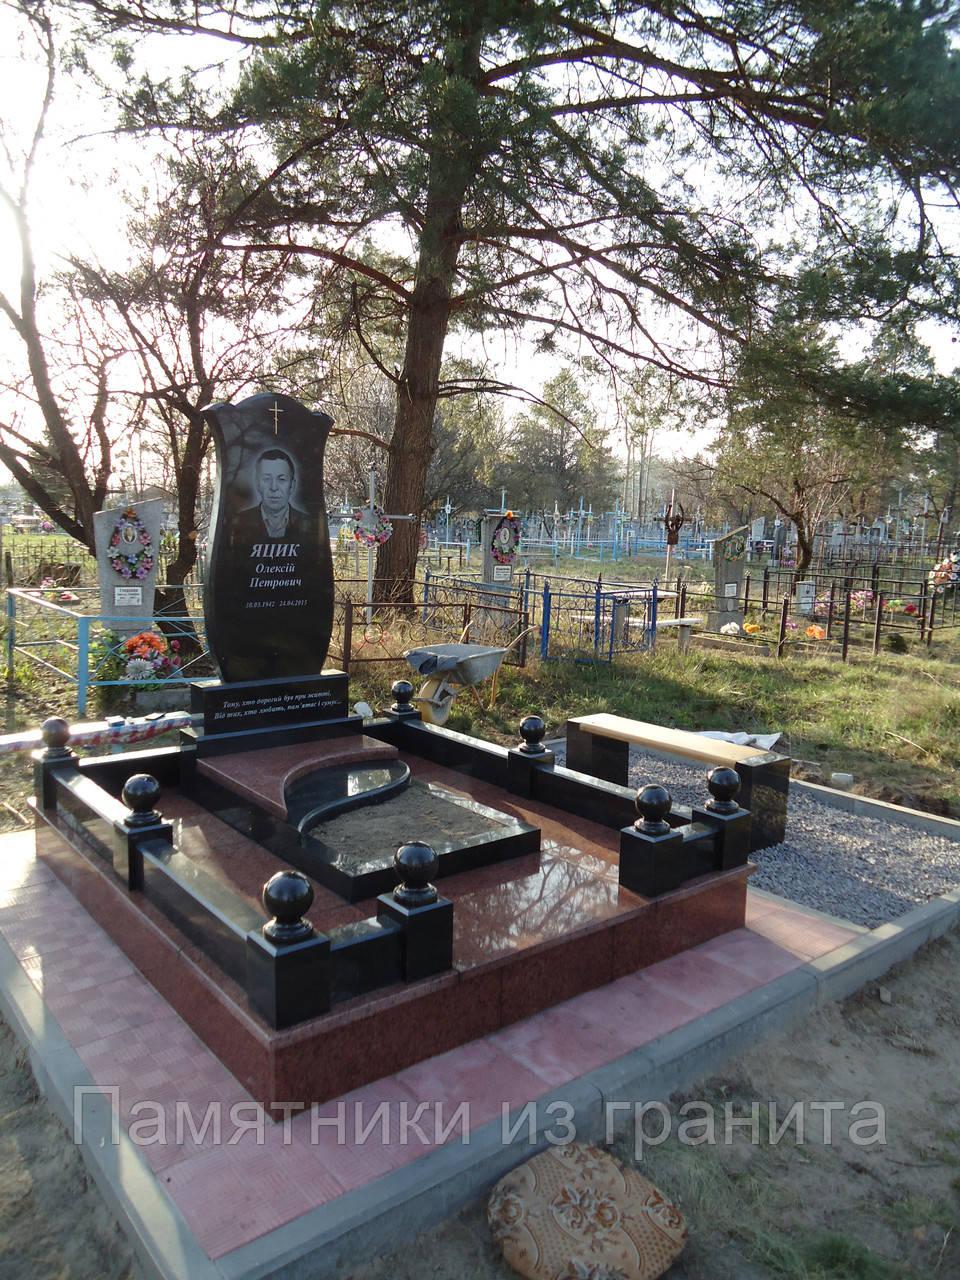 Памятники на могилу в казани фото и цены как обновить гранитный памятник